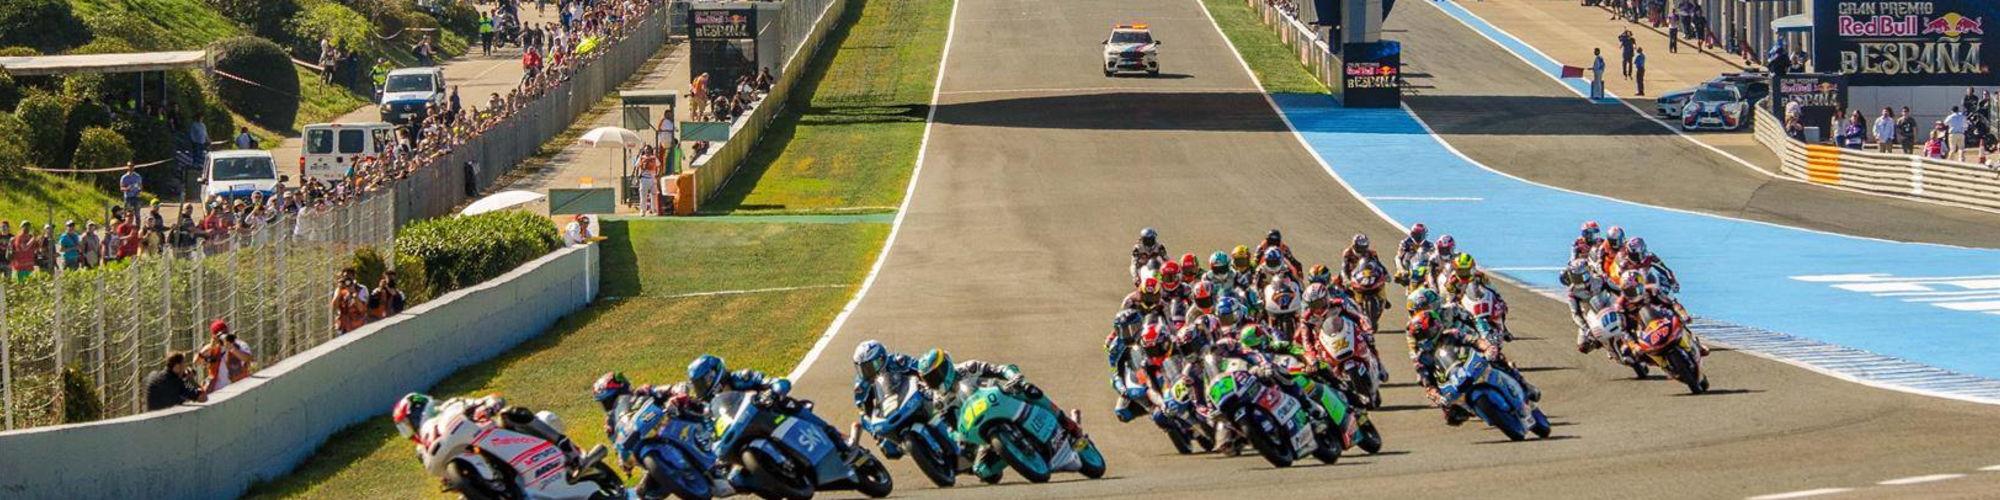 Circuito Los Arcos : Circuito de jerez motorsportjobs